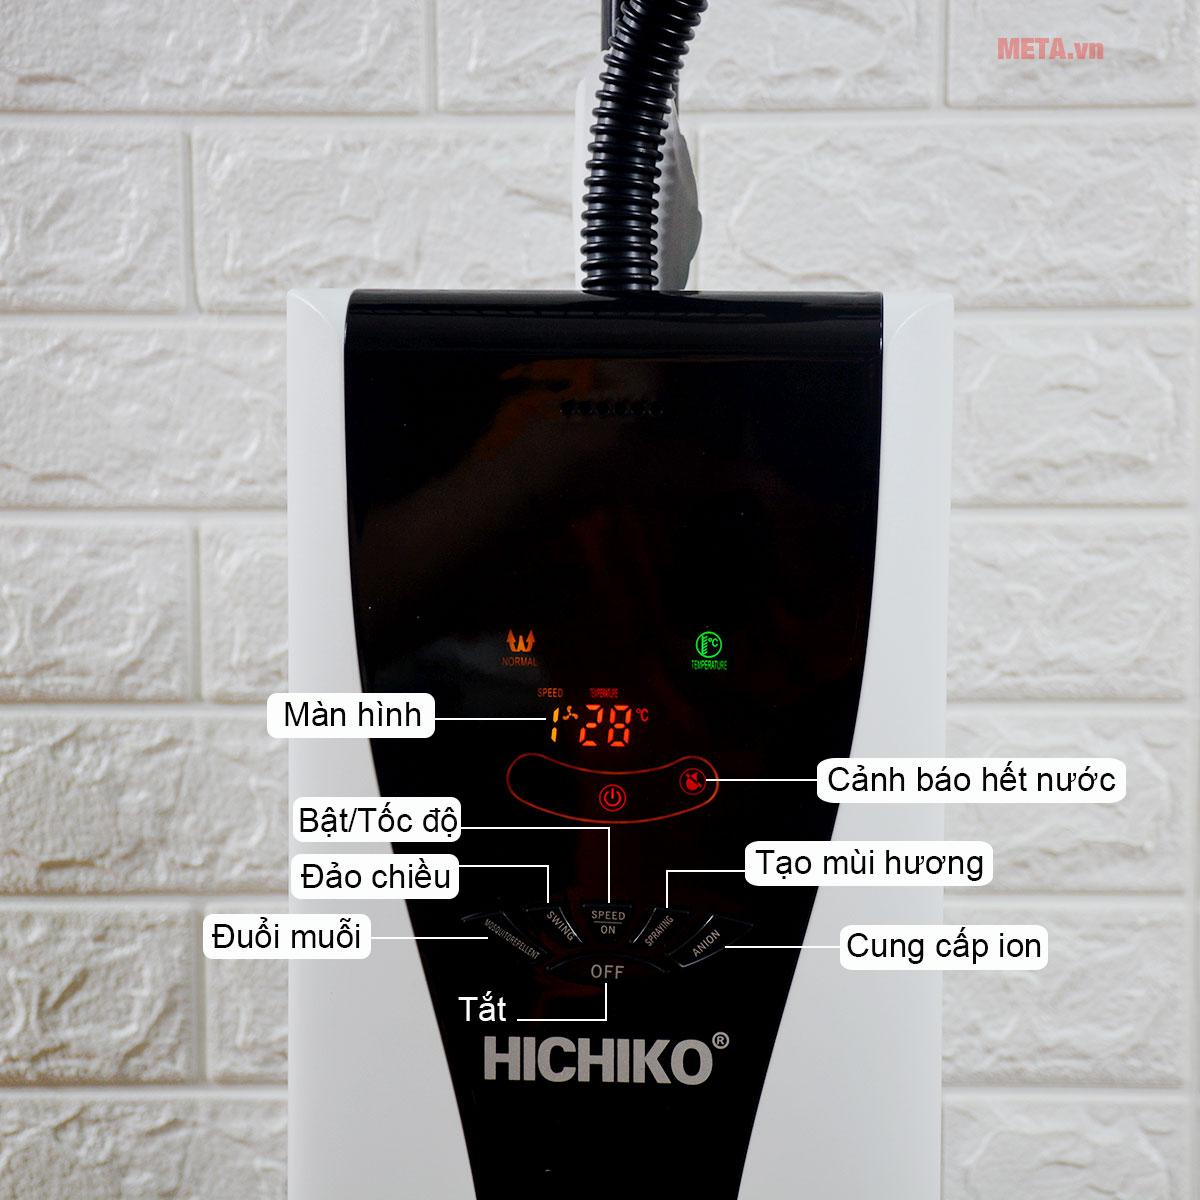 Quạt phun sương Hichiko HC-6011 giúp tiết kiệm điện năng hiệu quả